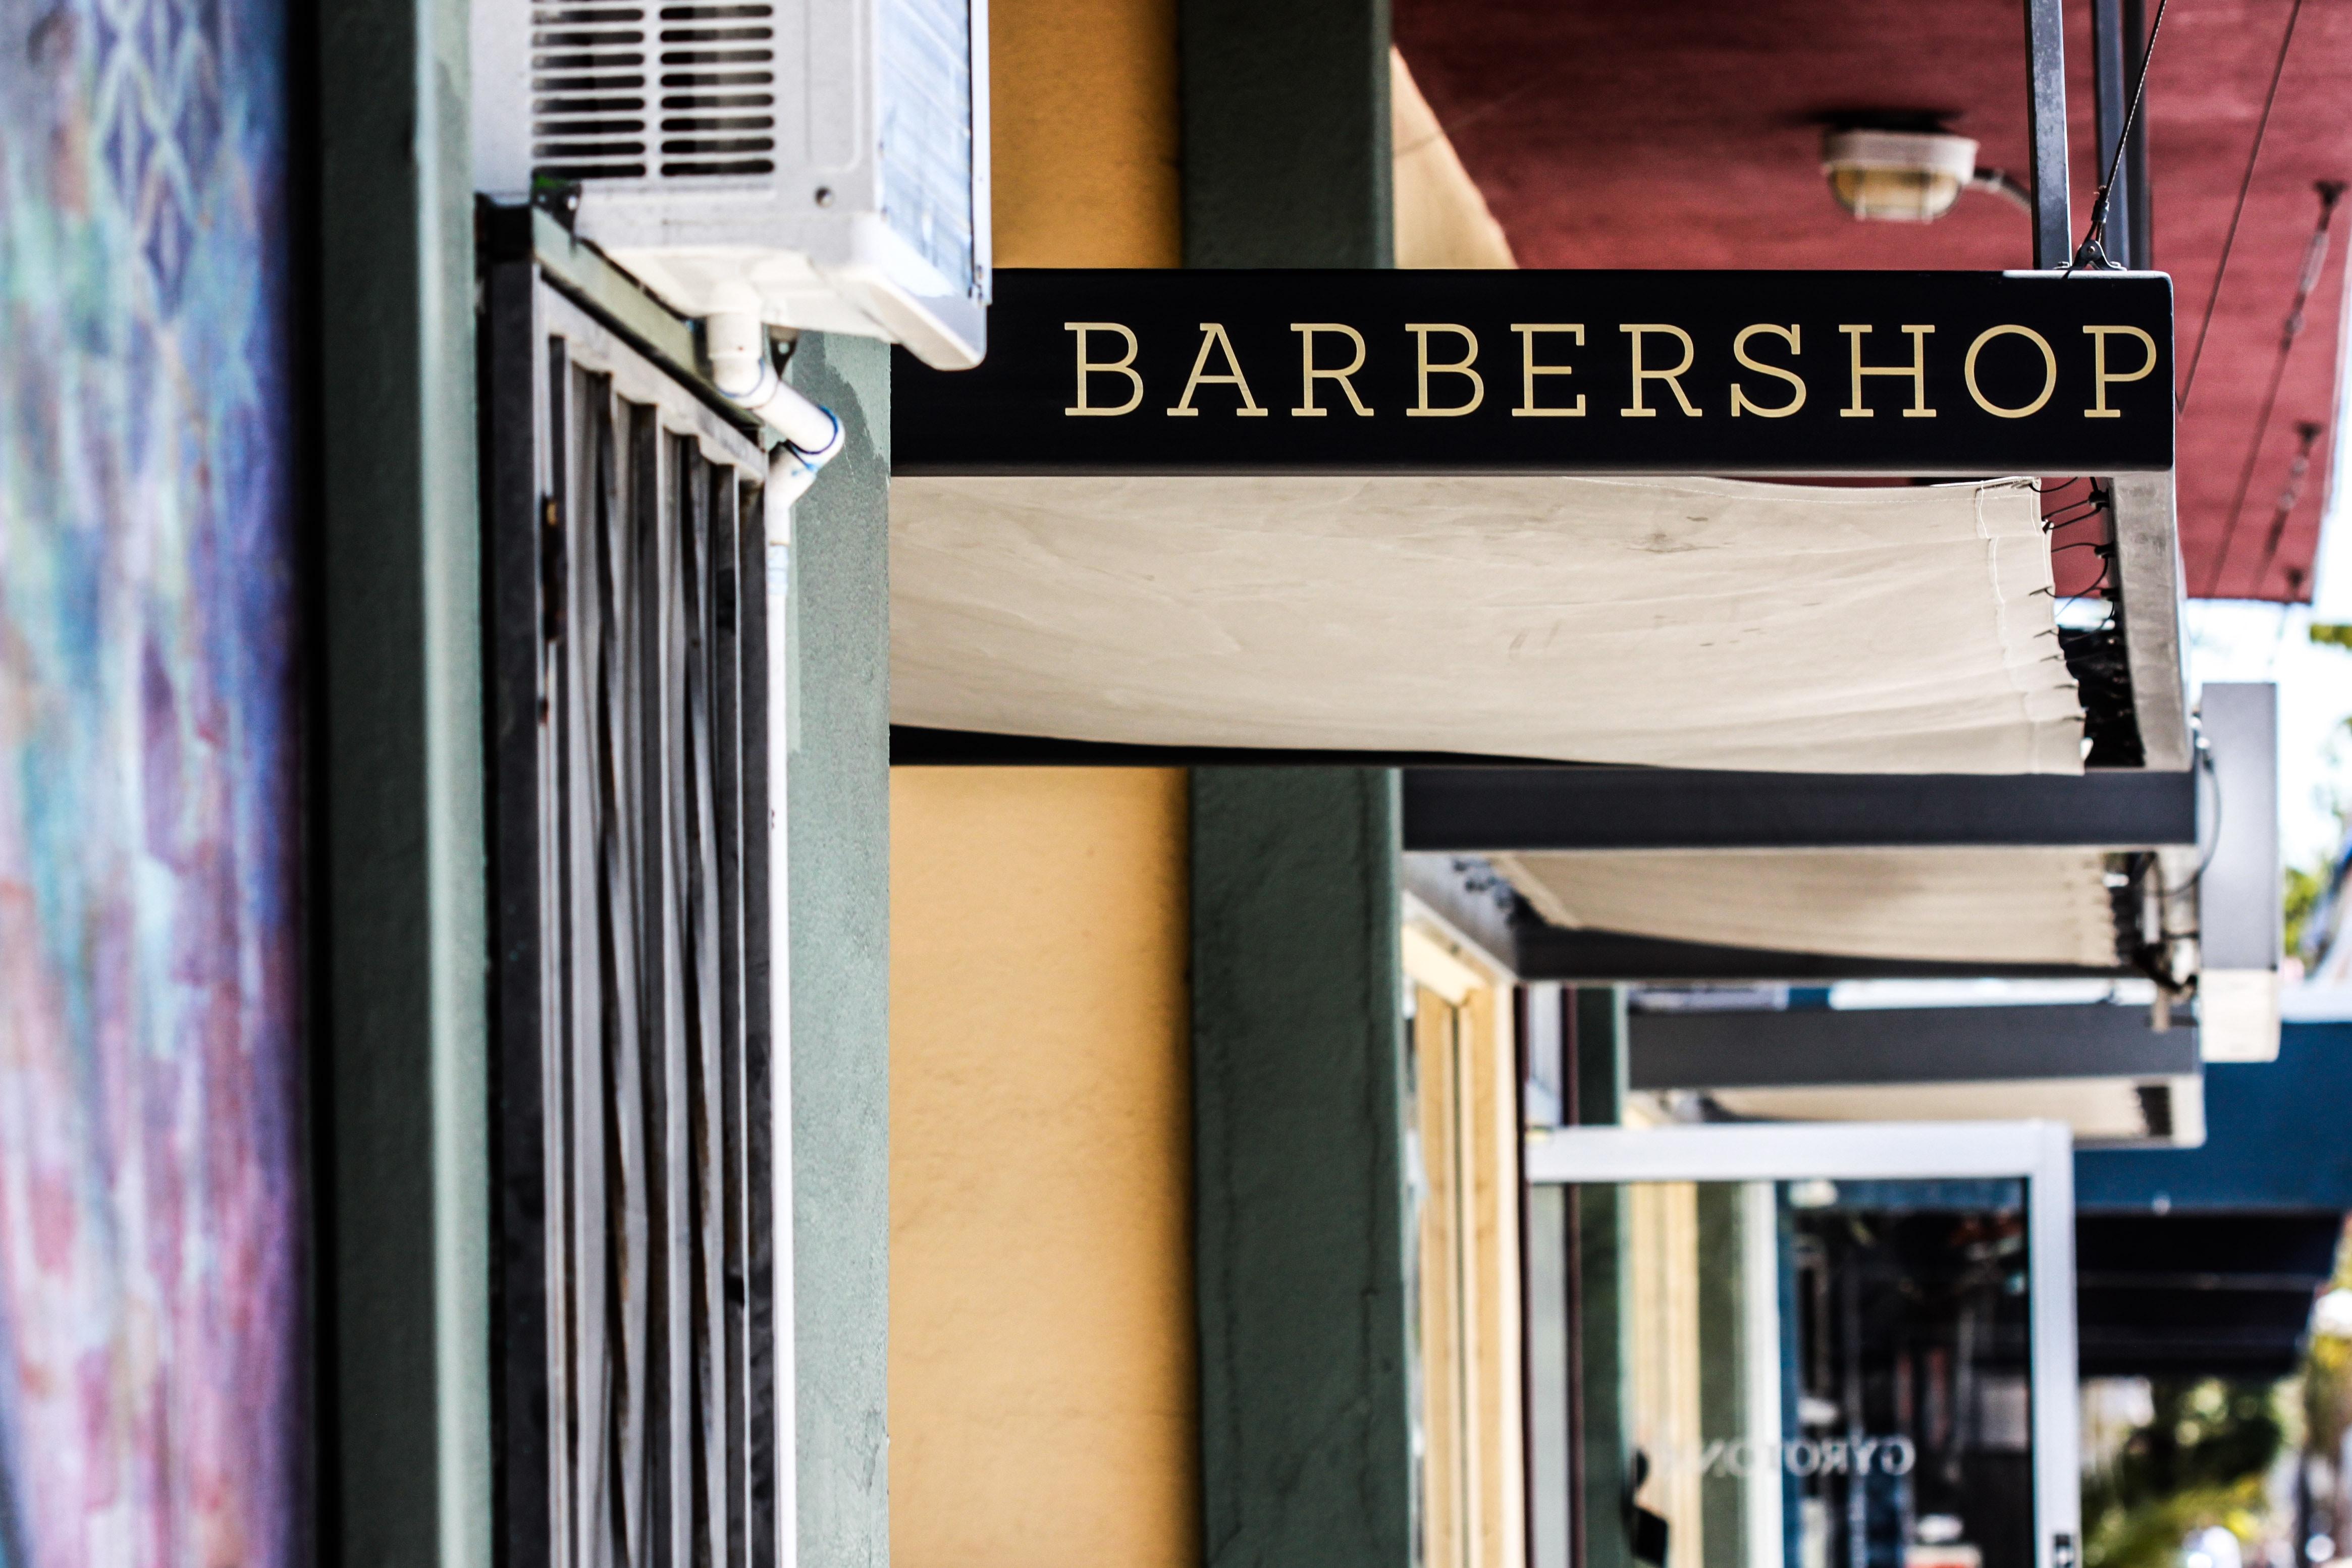 Barbershop signage